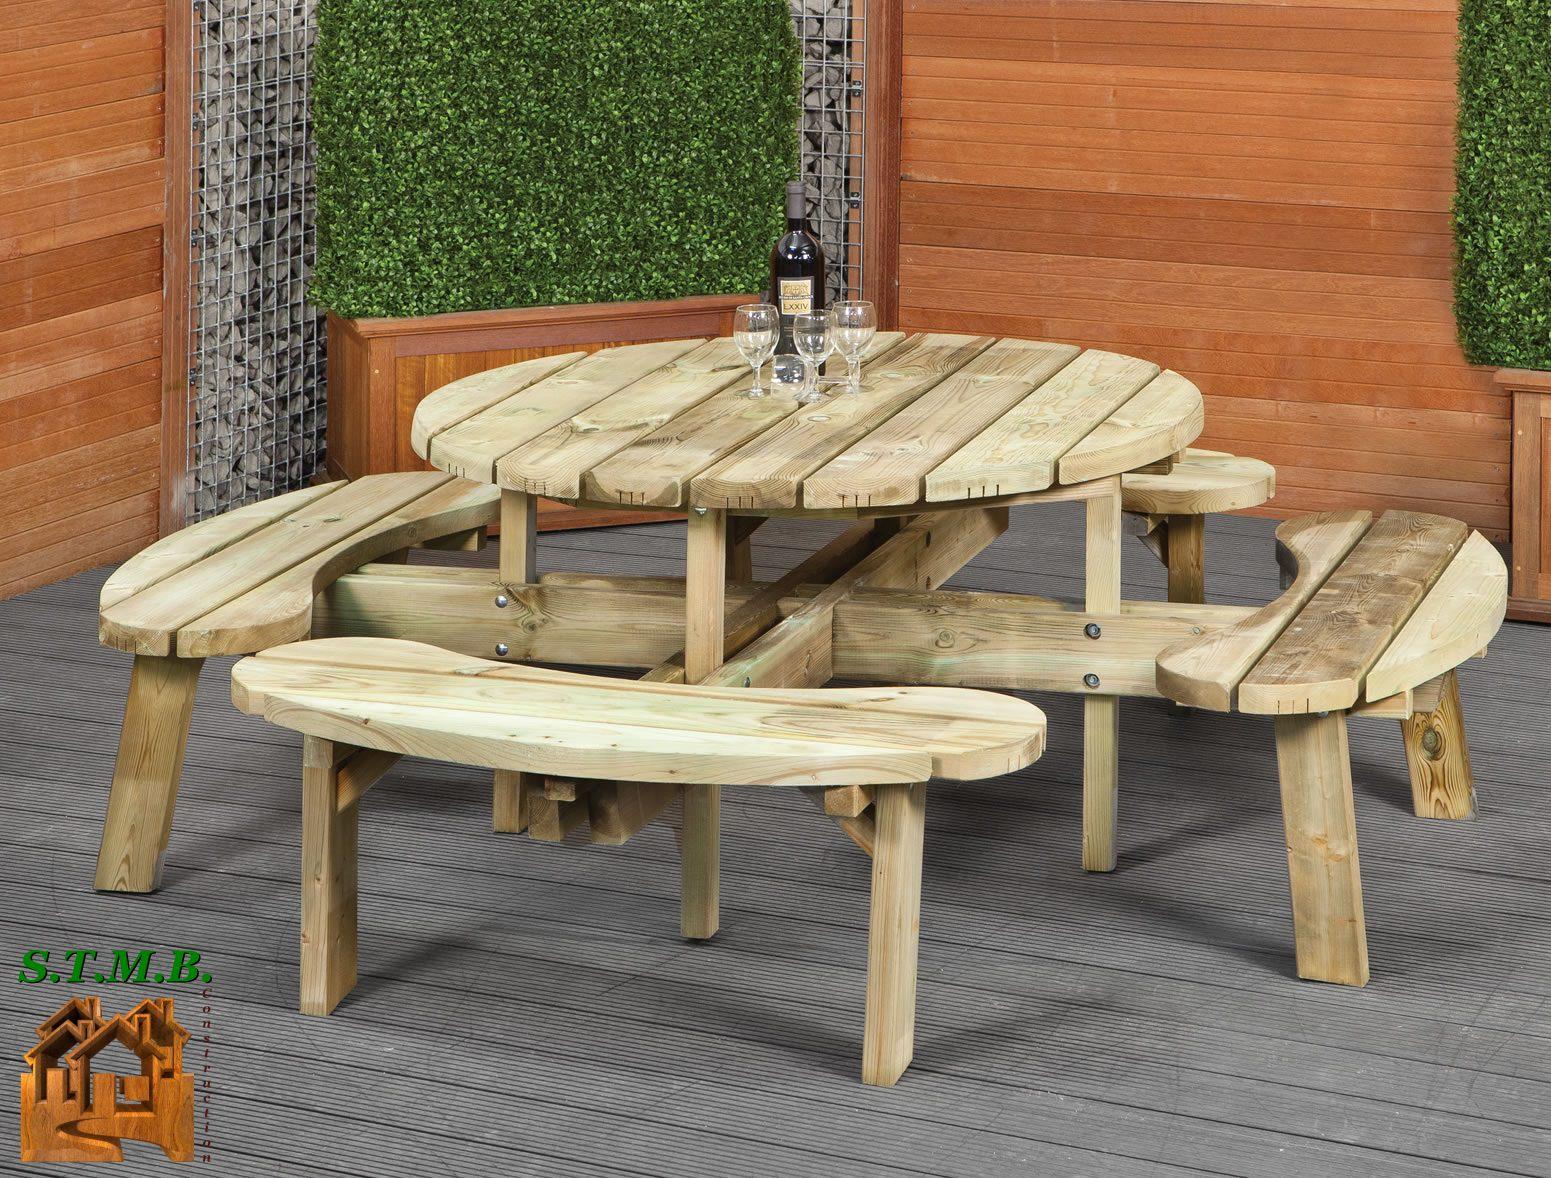 Salon de jardin en bois Ce qu u2019il faut retenir # Salon Construction Bois